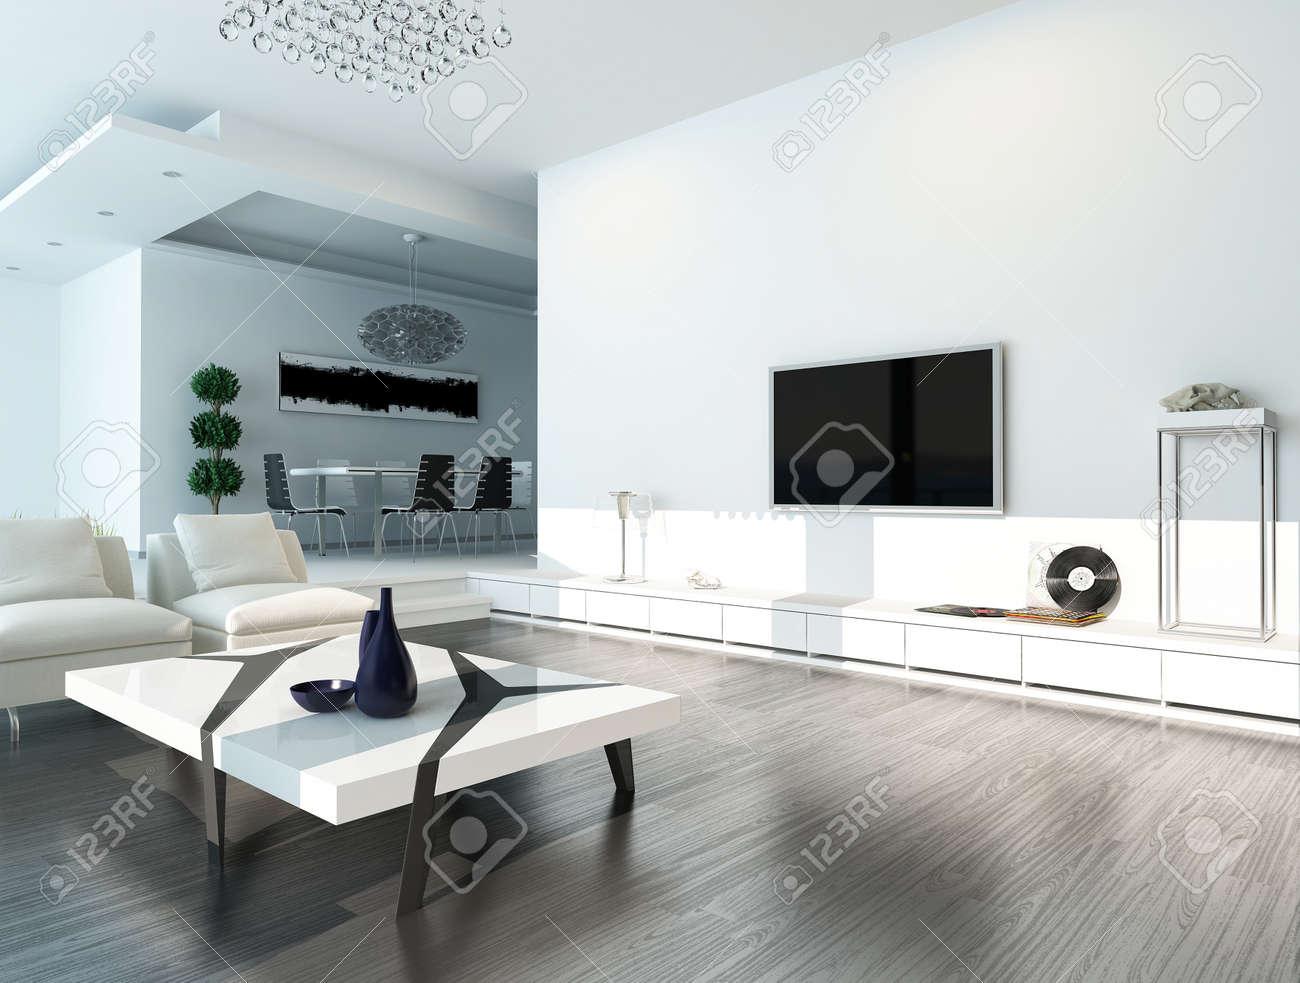 Modern Design Vardagsrum Inredning Med Vit Soffa Och Soffbord ...